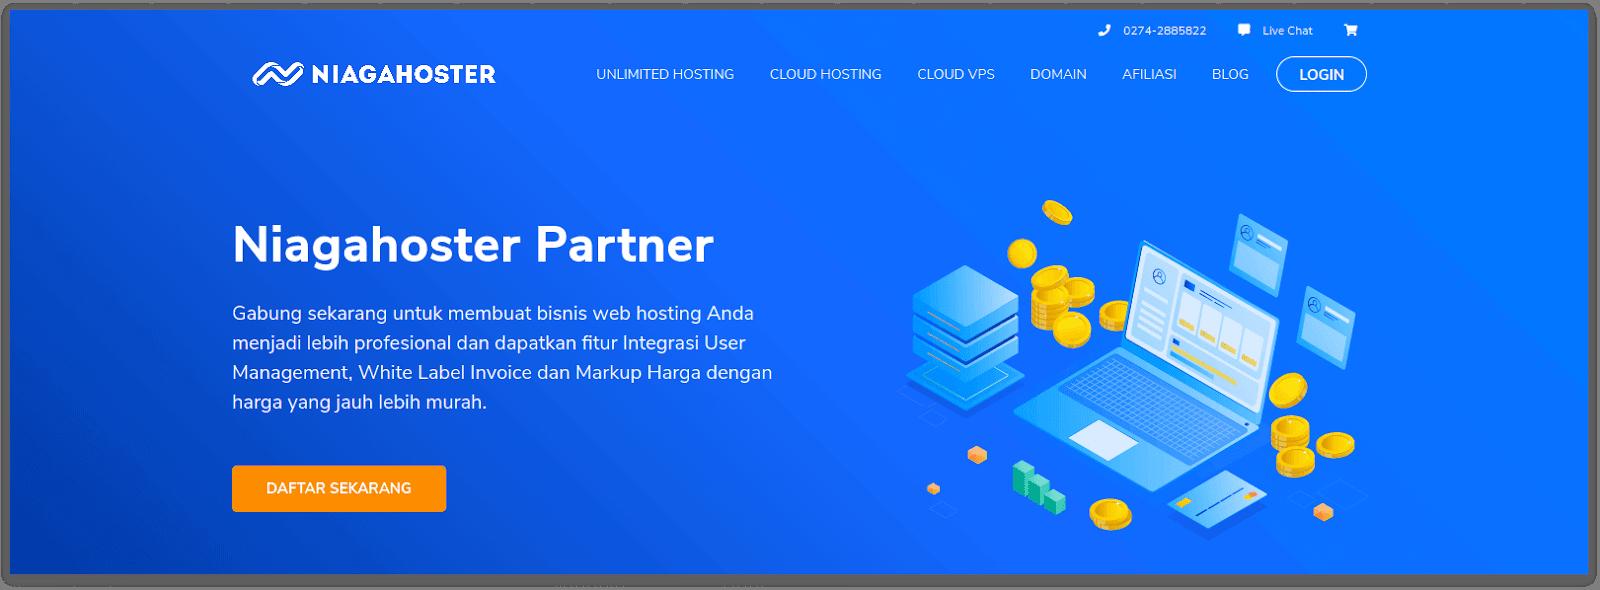 Menjadi reseller hosting untuk mendukung bisnis jasa pembuatan website